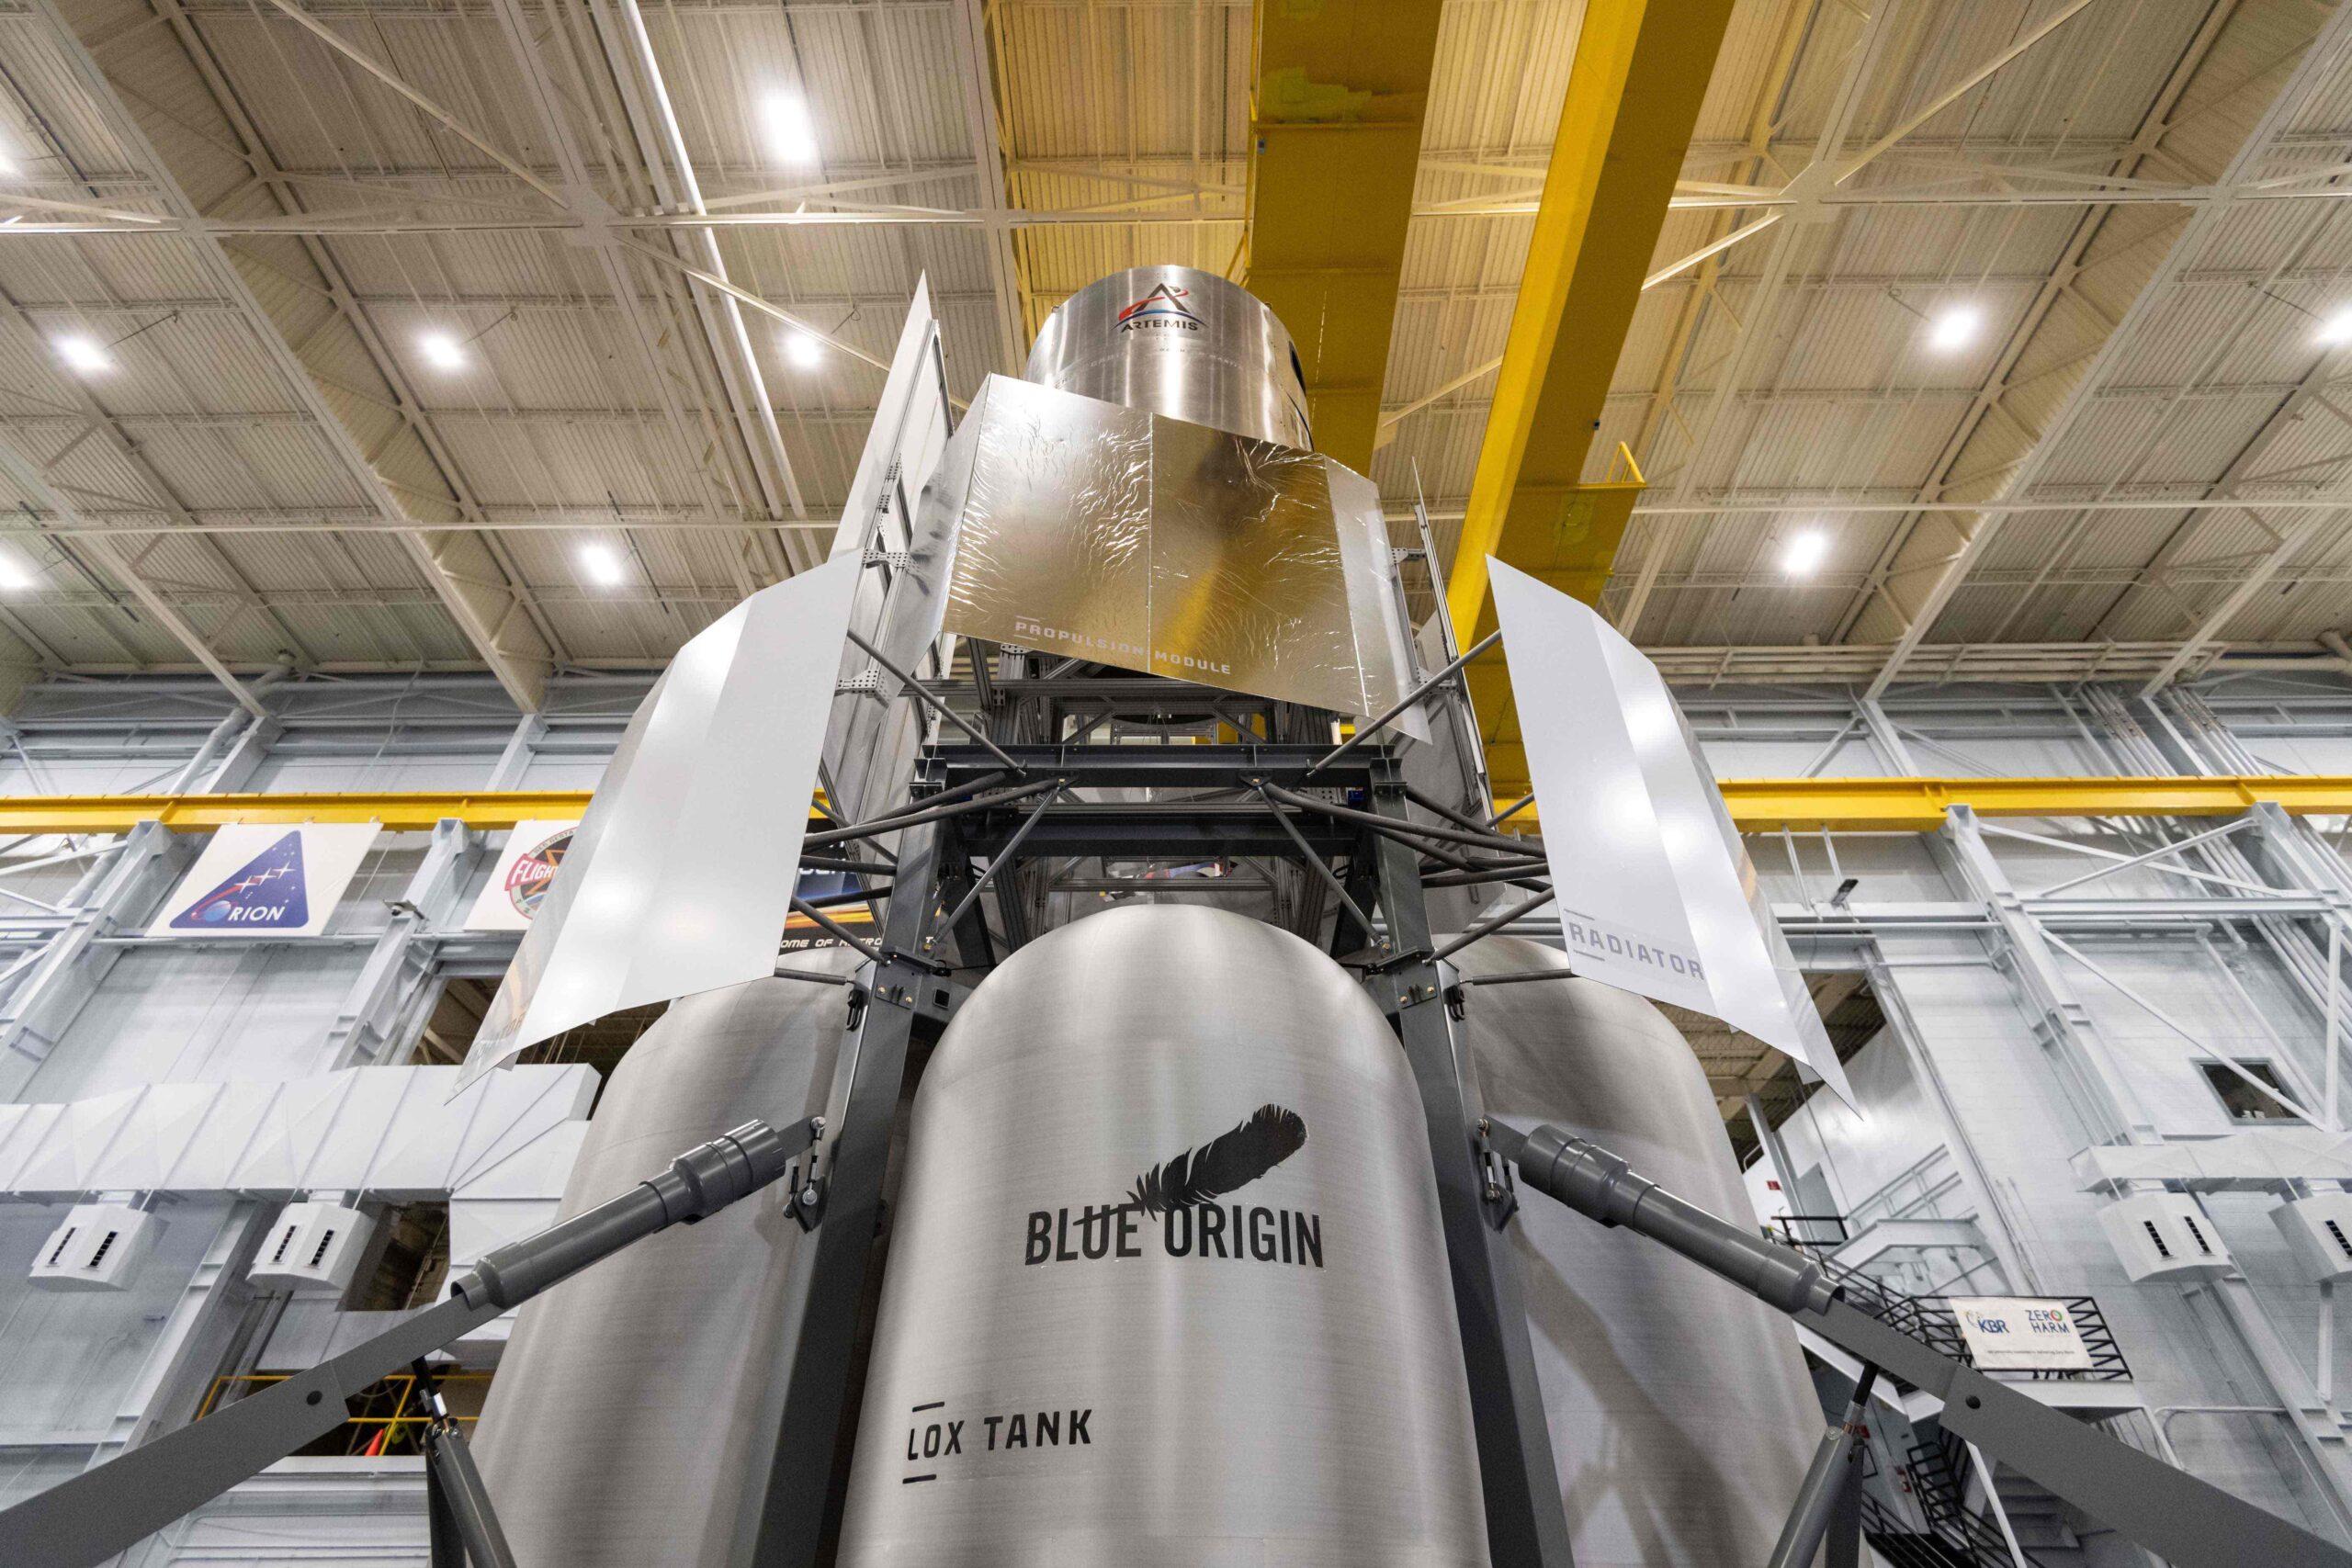 Космические силы США расторгли контракты с Blue Origin и Northrop Grumman на поставки ракет носителей